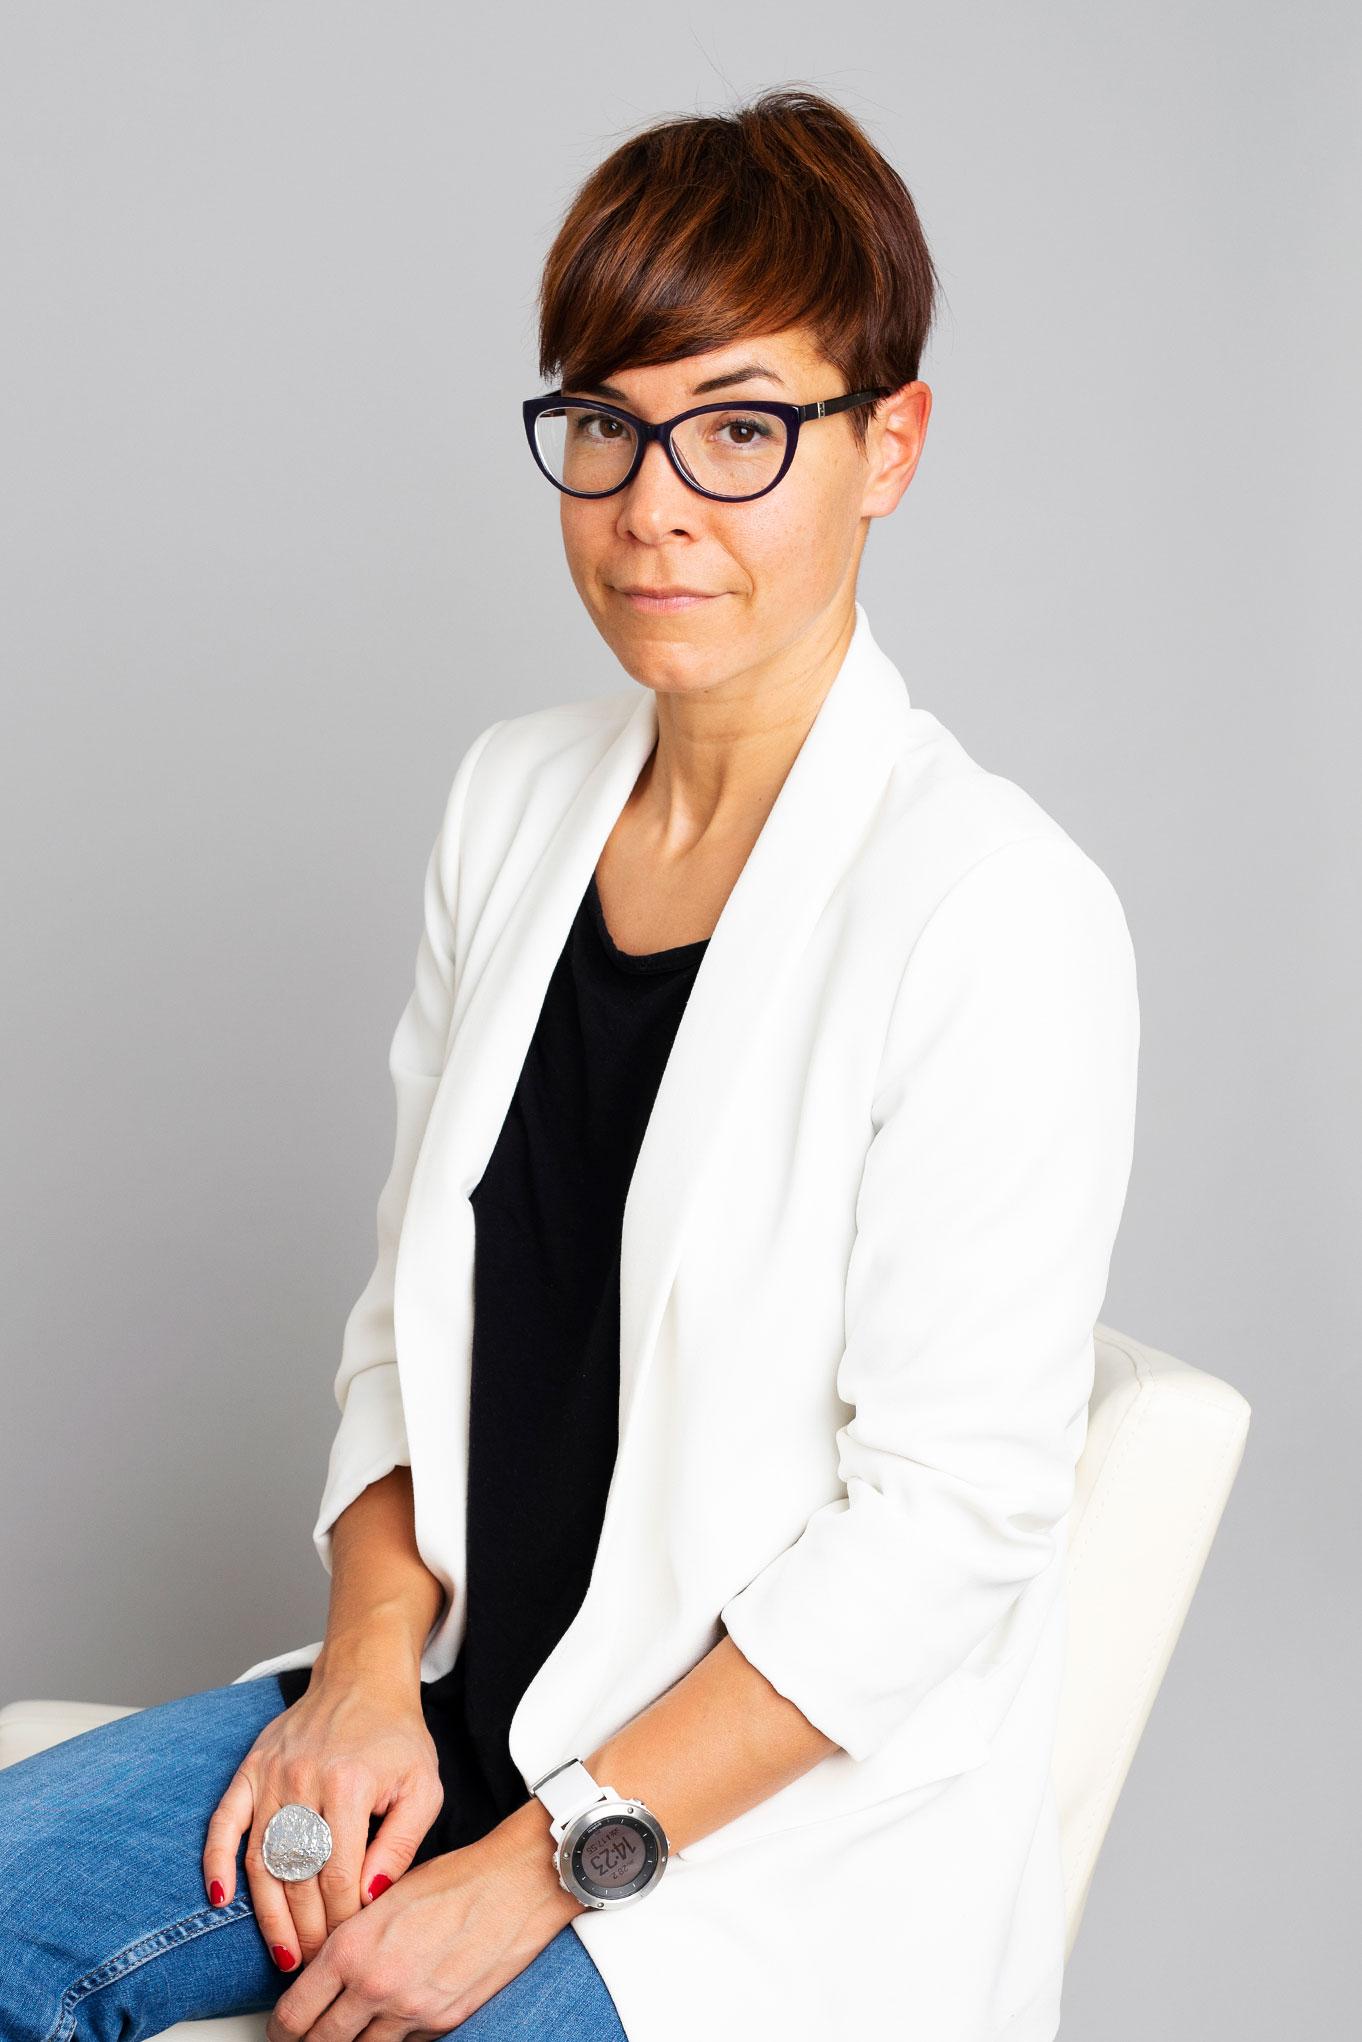 Medipsy-portrait-Celine-Di-Gregorio